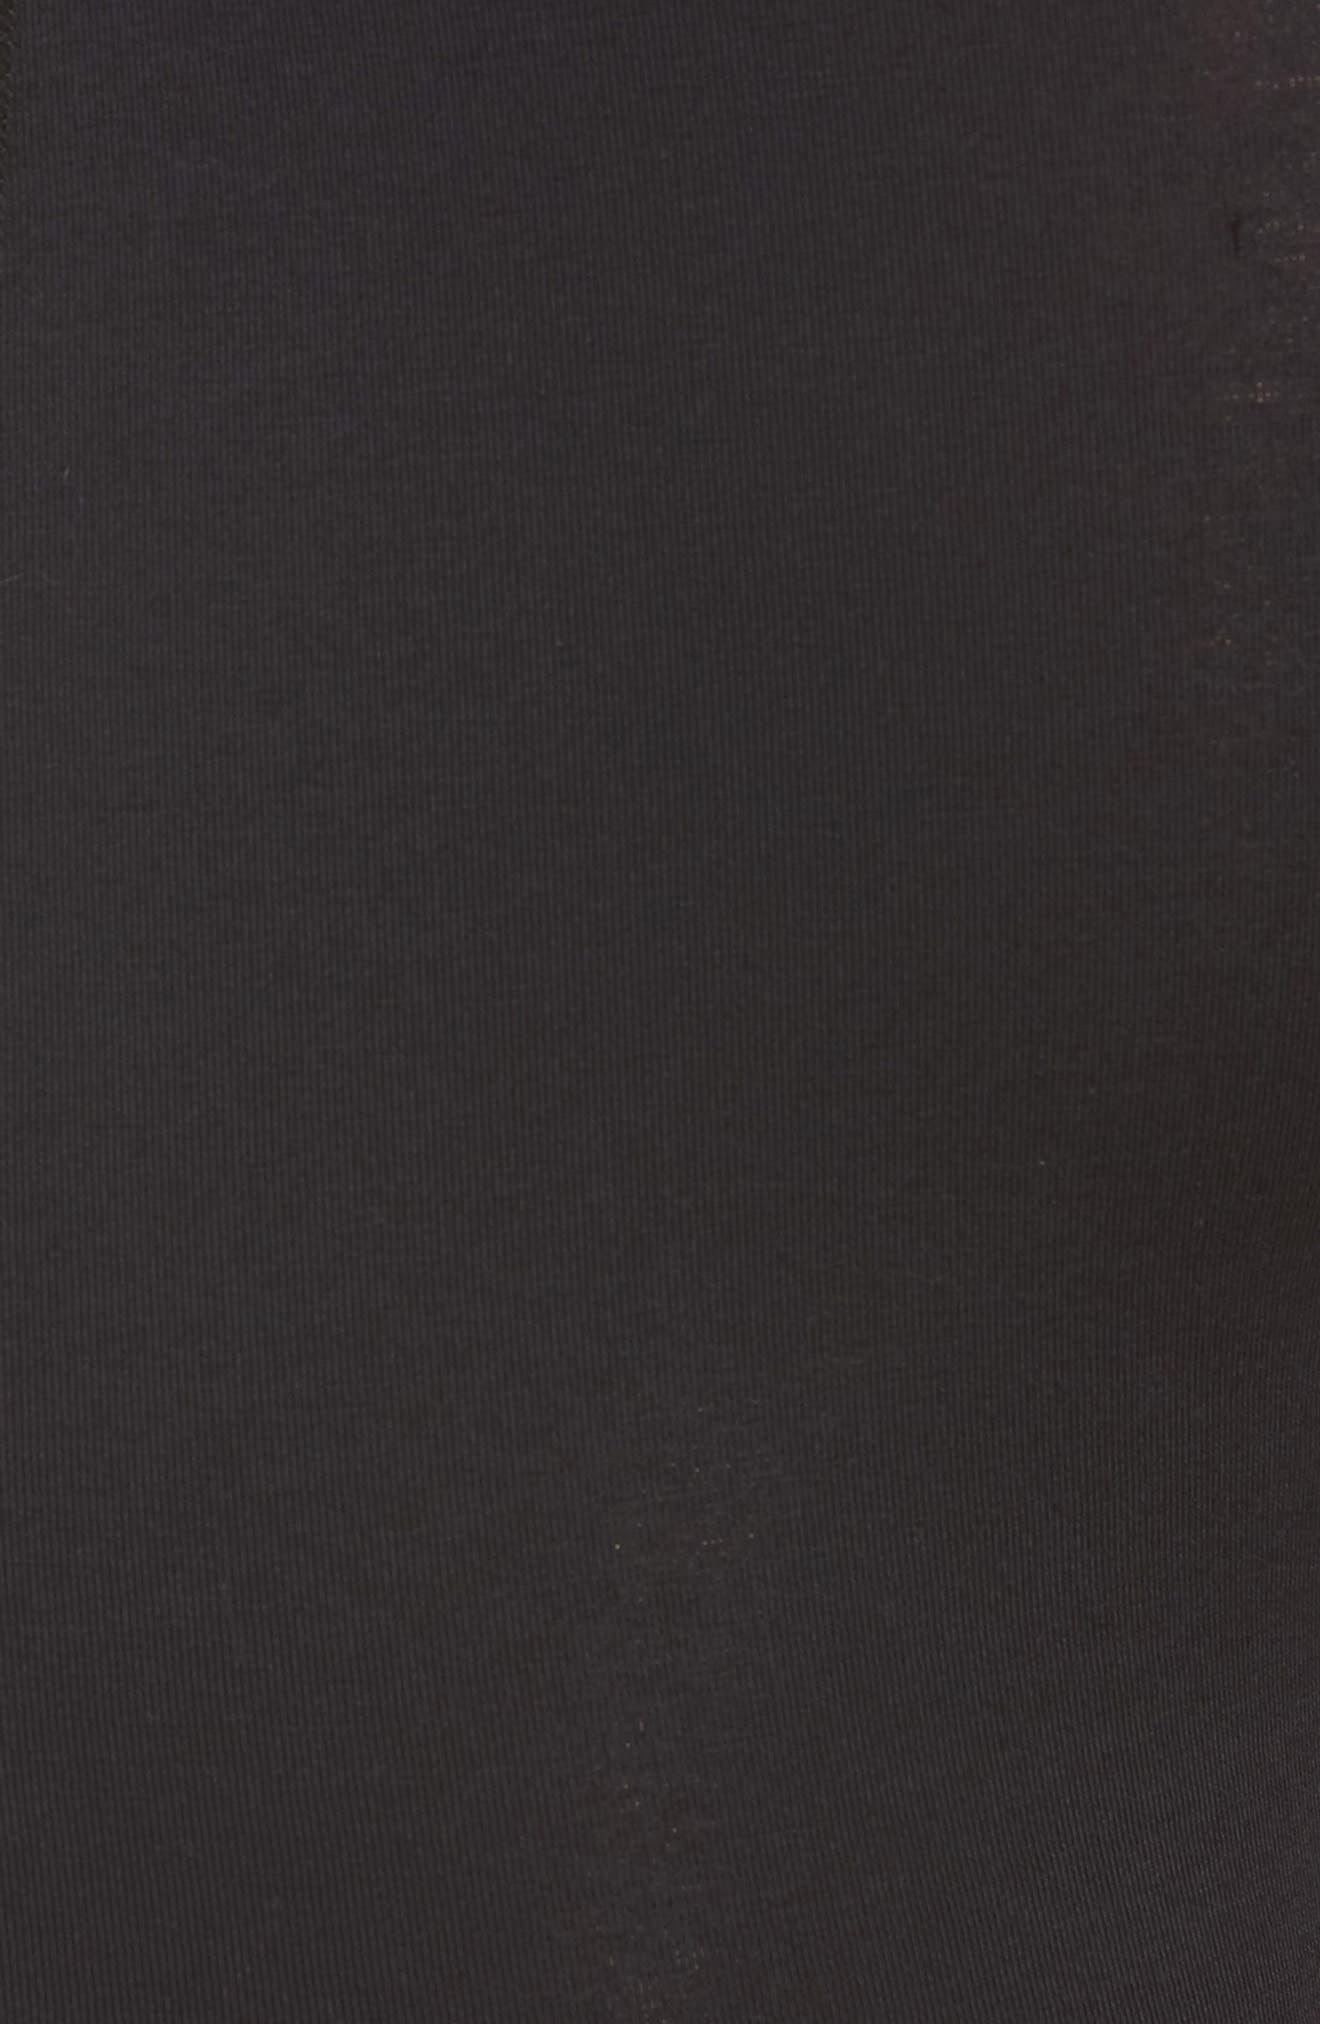 Undercover Boxer Briefs,                             Alternate thumbnail 5, color,                             BLACK